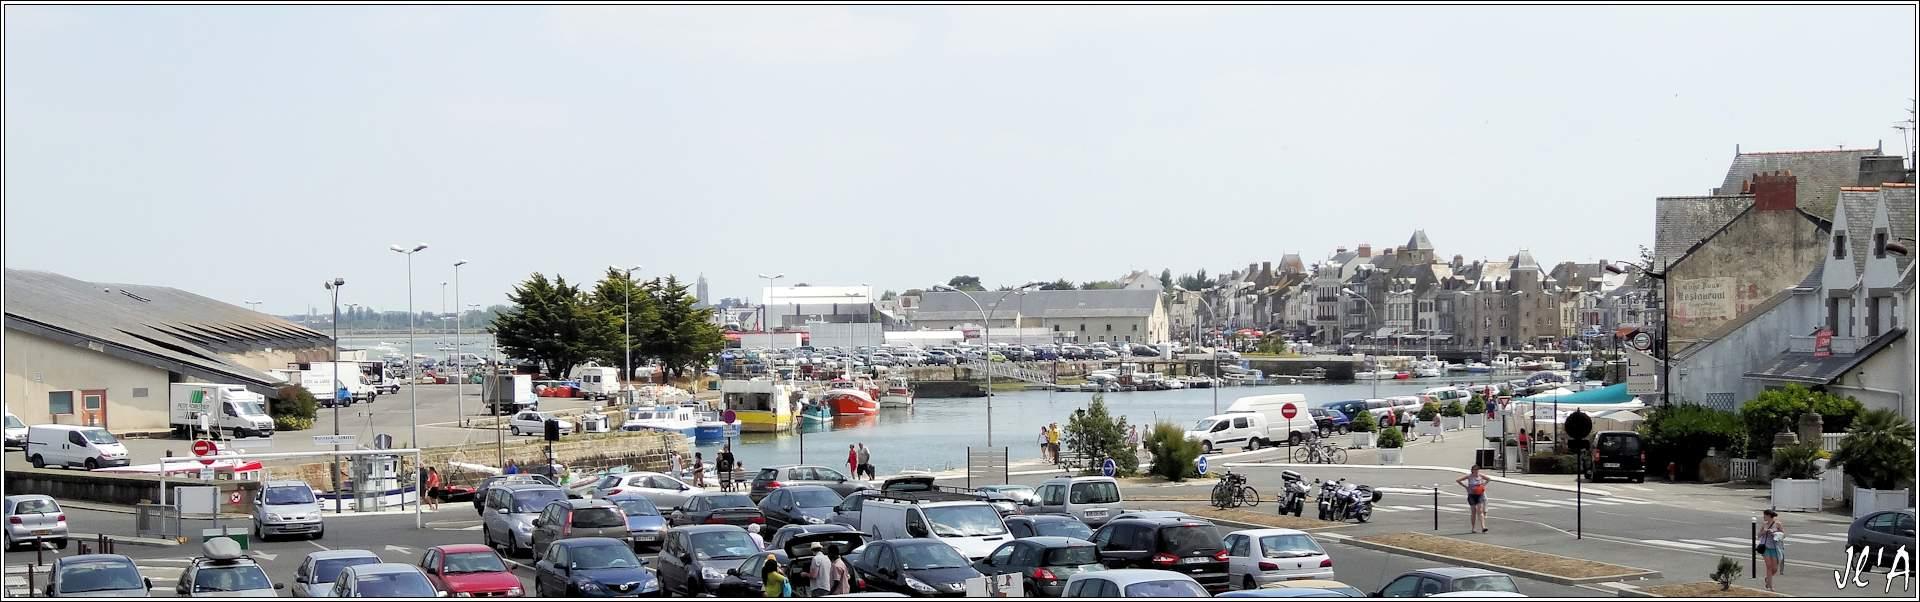 [Activité hors Marine des ports] LE CROISIC Port, Traict, Côte Sauvage... - Page 5 P71-47%20panorama%20du%20port%20de%20p%C3%AAche%20S20V03779